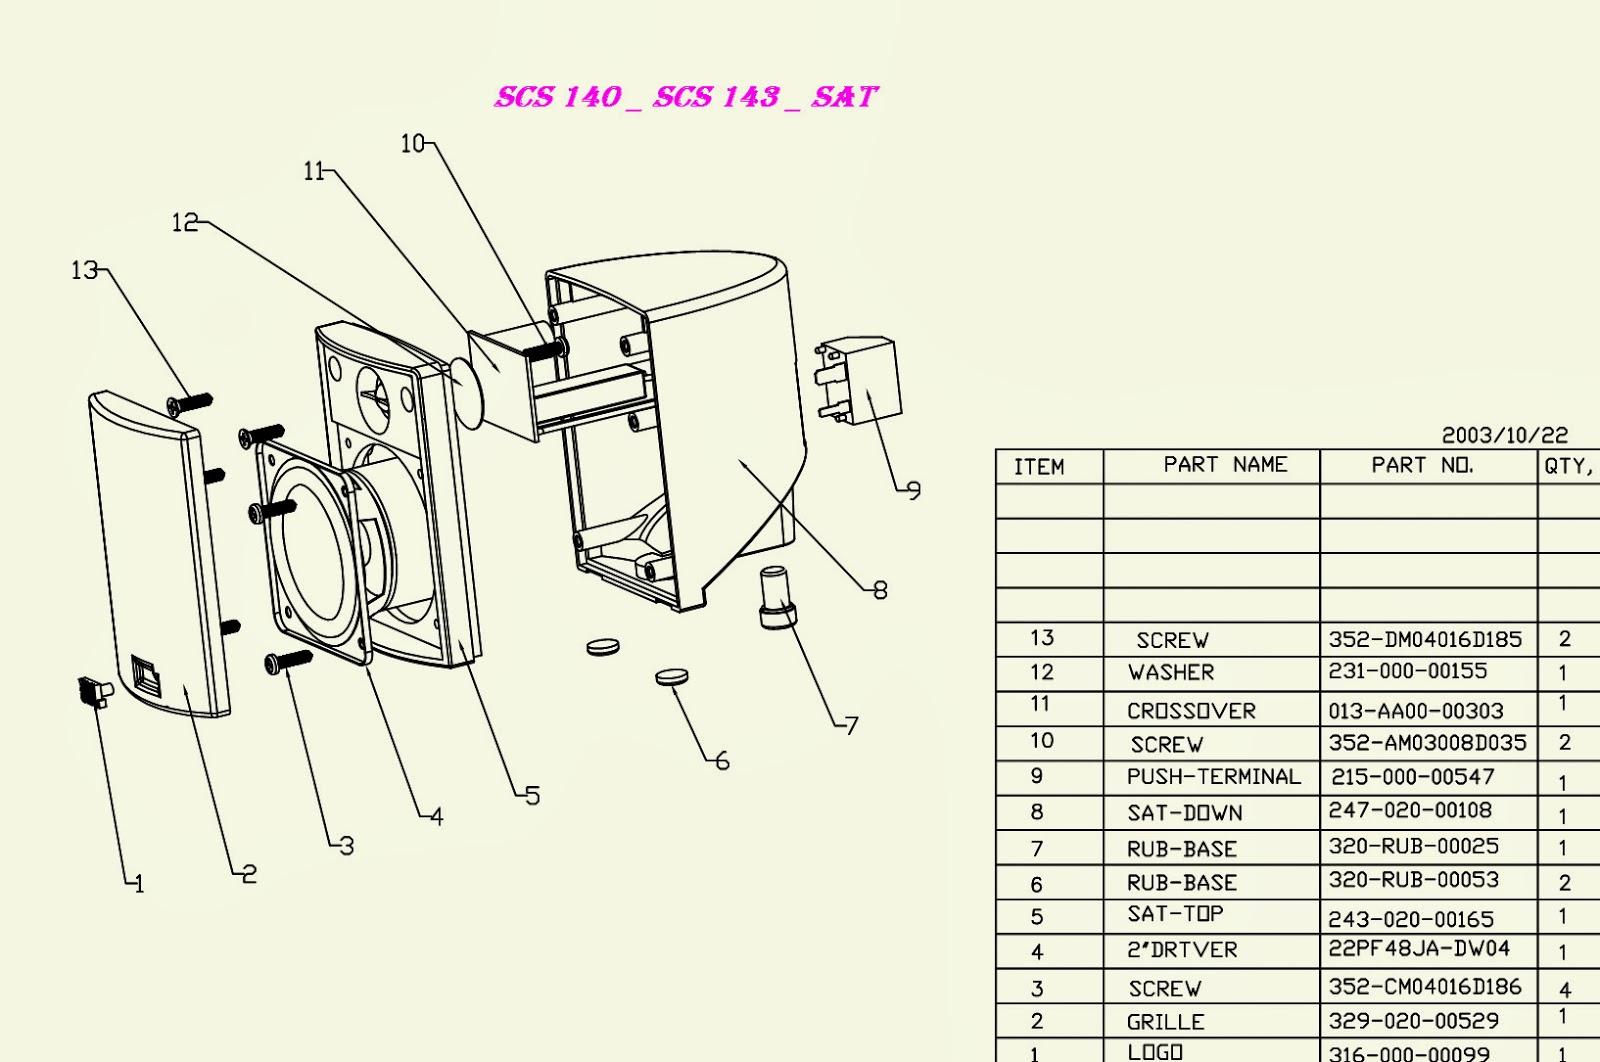 hight resolution of jbl scs 140 scs146 schematic diagram